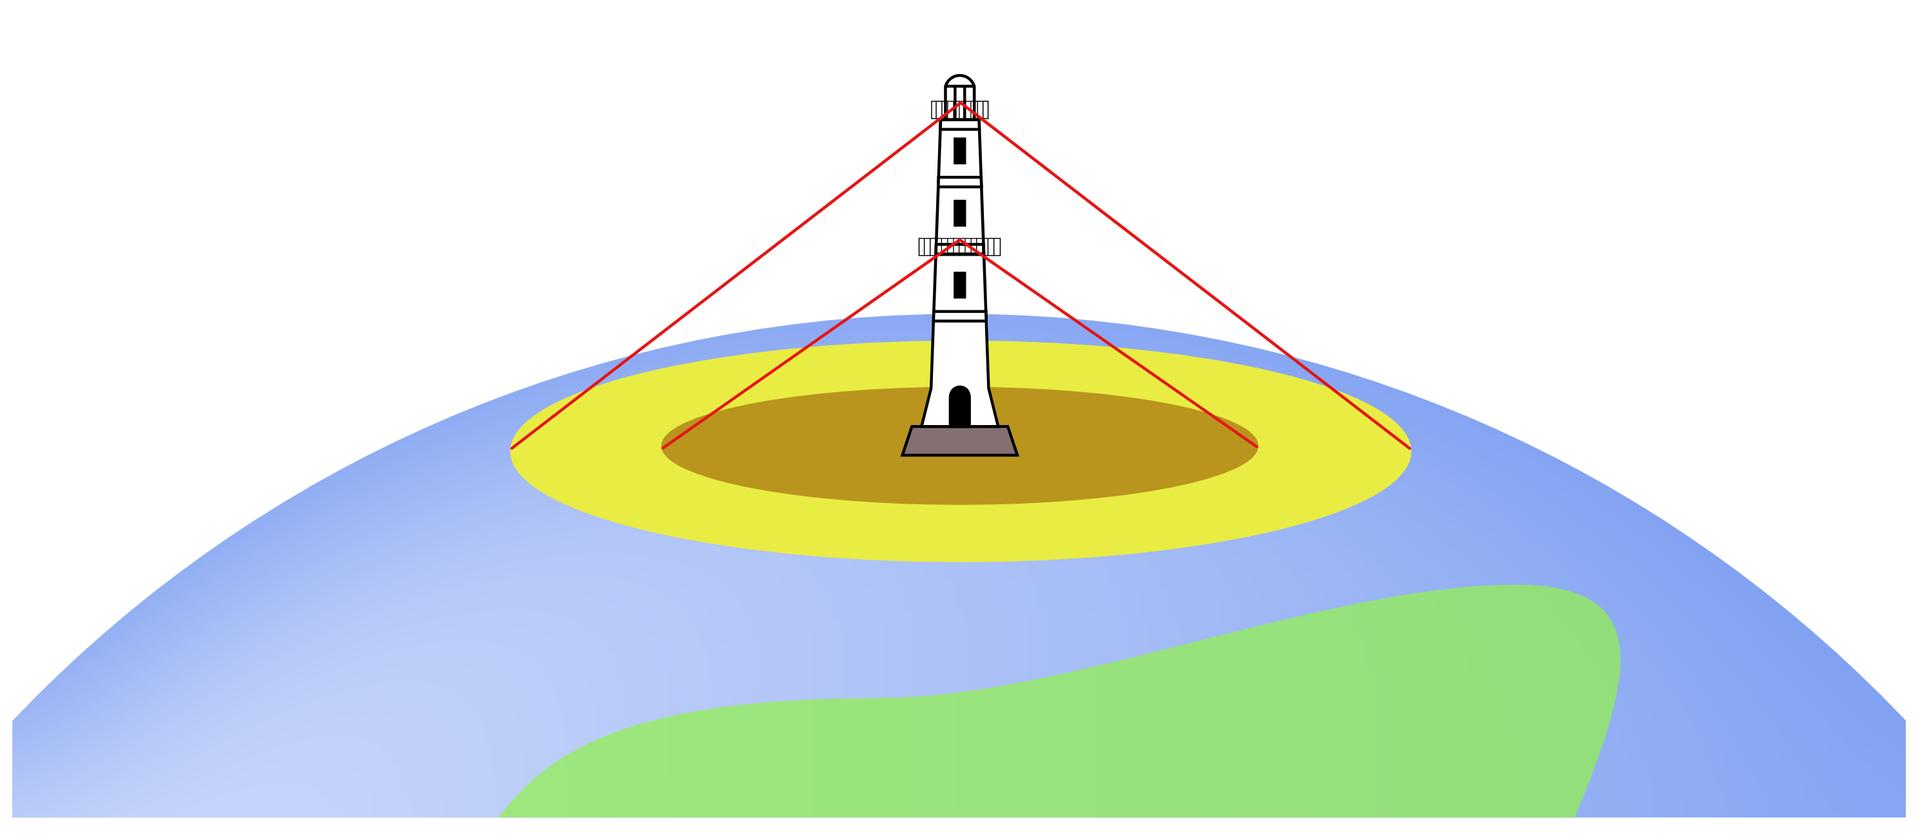 Ilustracja przedstawia fragment kuli ziemskiej. Na szczycie umieszczona jest biała latarnia ztrzema oknami idwoma balkonikami zpłotkami. Jeden położony wpołowie latarni, drugi – na samej górze. Ze szczytu latarni poprowadzone są dwie proste linie, które rozchodzą się na prawo ina lewo. Linie łączą się na szczycie latarni, tworząc kąt rozwarty. Dwie krótsze linie rozchodzą się na lewo iprawo od latarni, łączą się nad pierwszym balkonikiem. Linie zarysowują kręgi wokół latarni. Im wyżej, tym większe kręgi na Ziemi można zakreślić za pomocą linii wychodzących ze szczytu latarni. Wyznaczone kręgi to obszar, który dostrzega obserwator stojący na górze latarni. Im większy promień okręgu, tym większy widnokrąg.